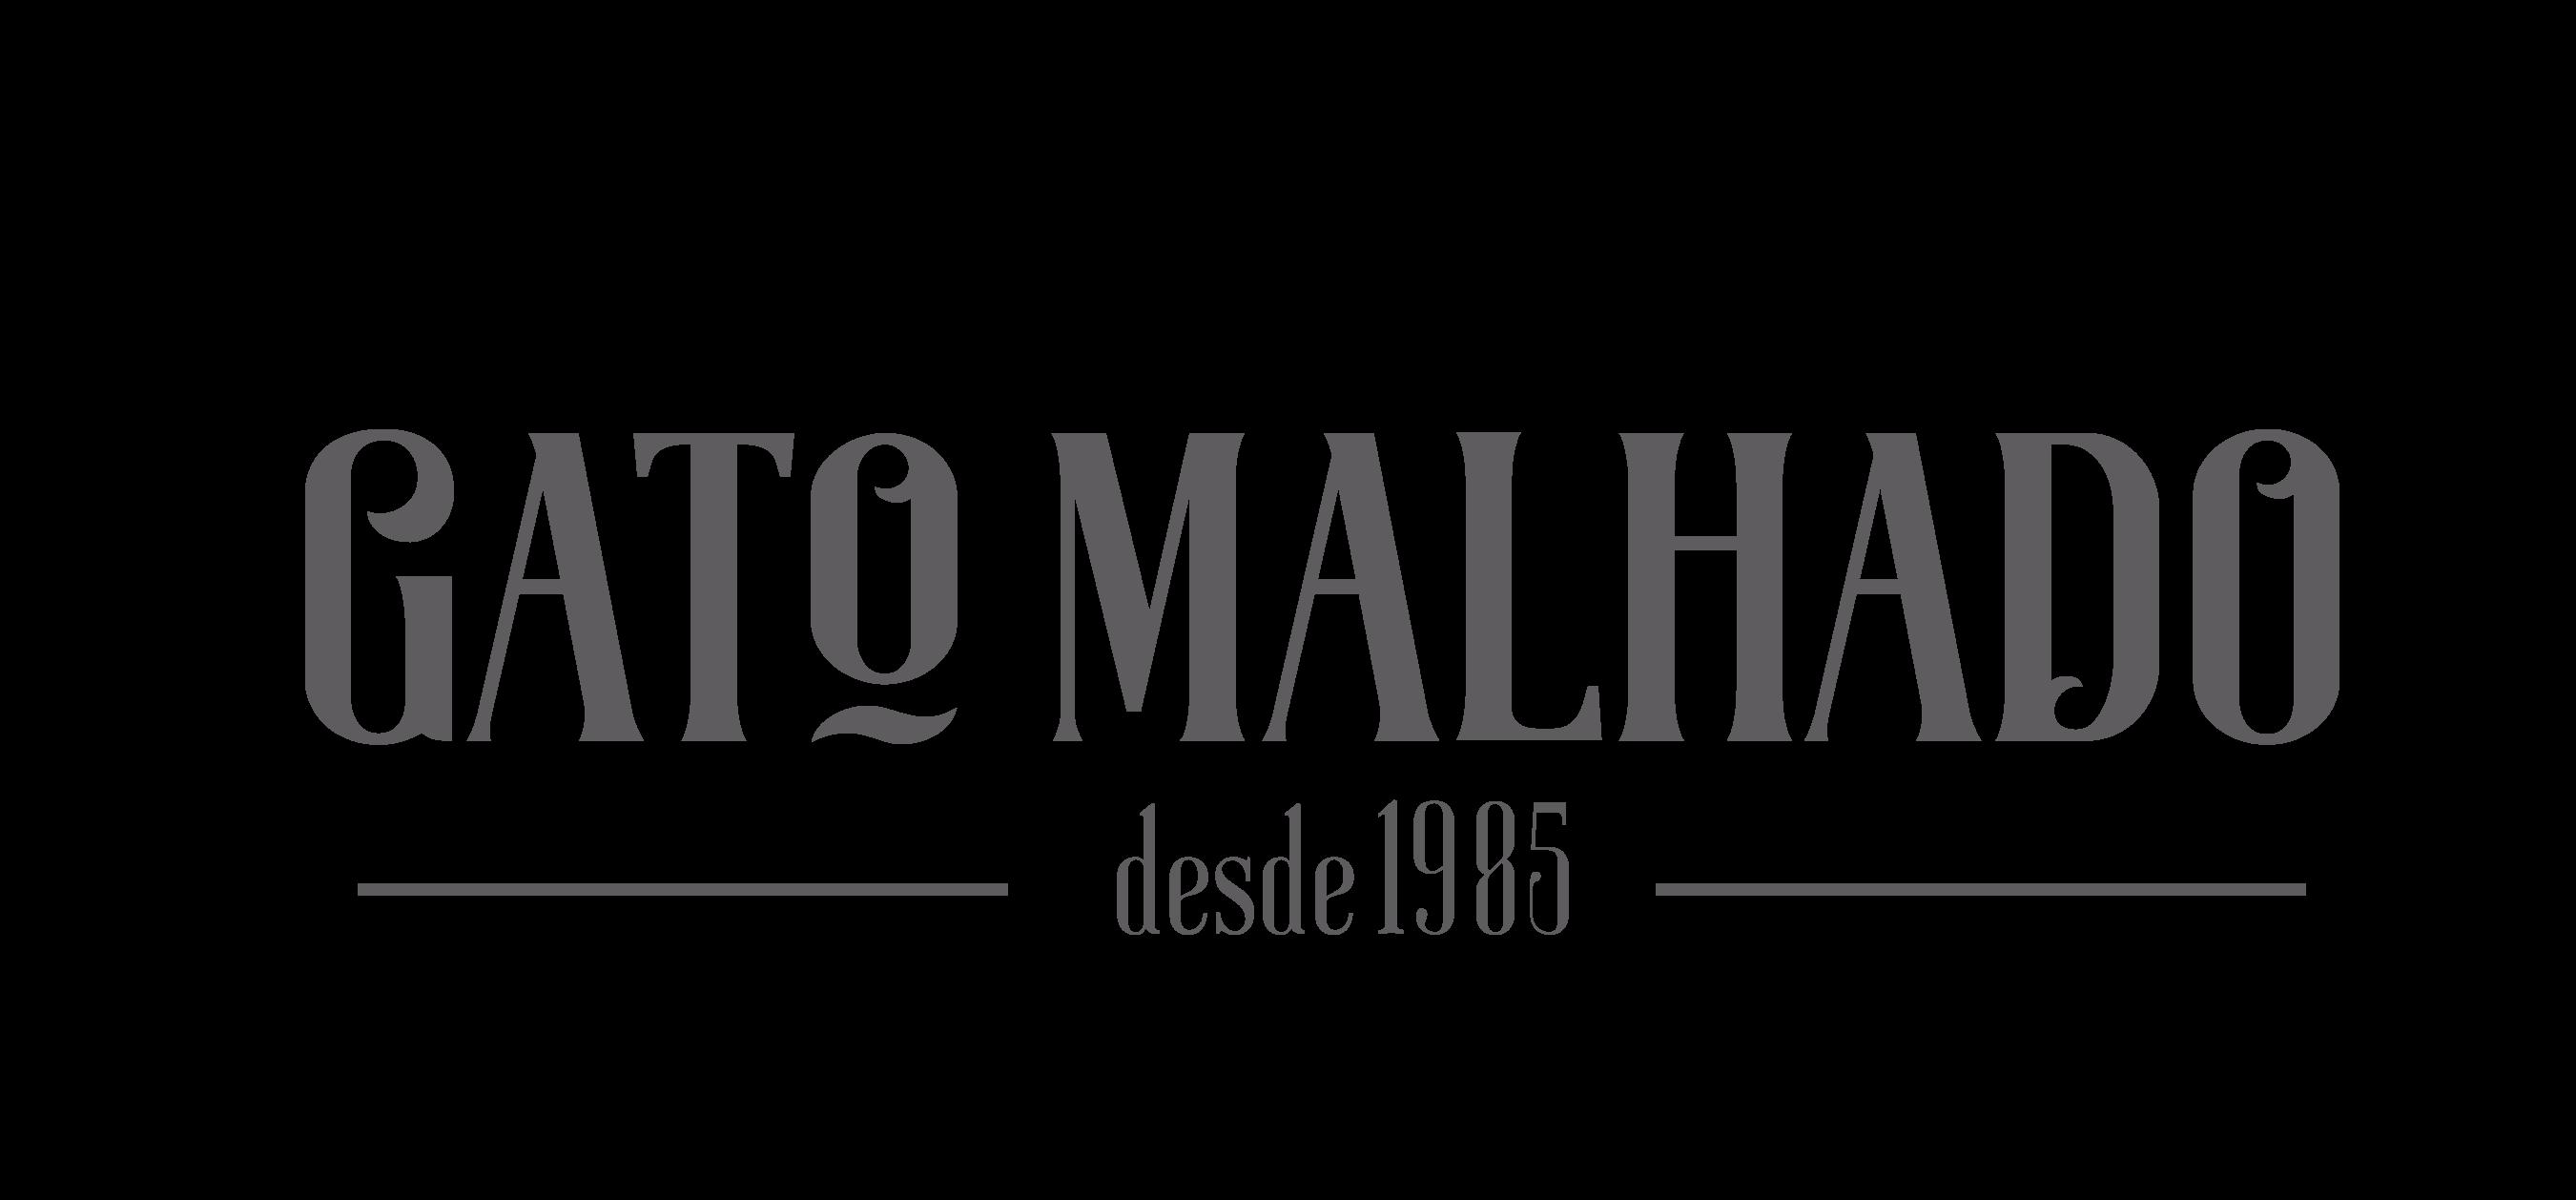 ogatomalhado.pt